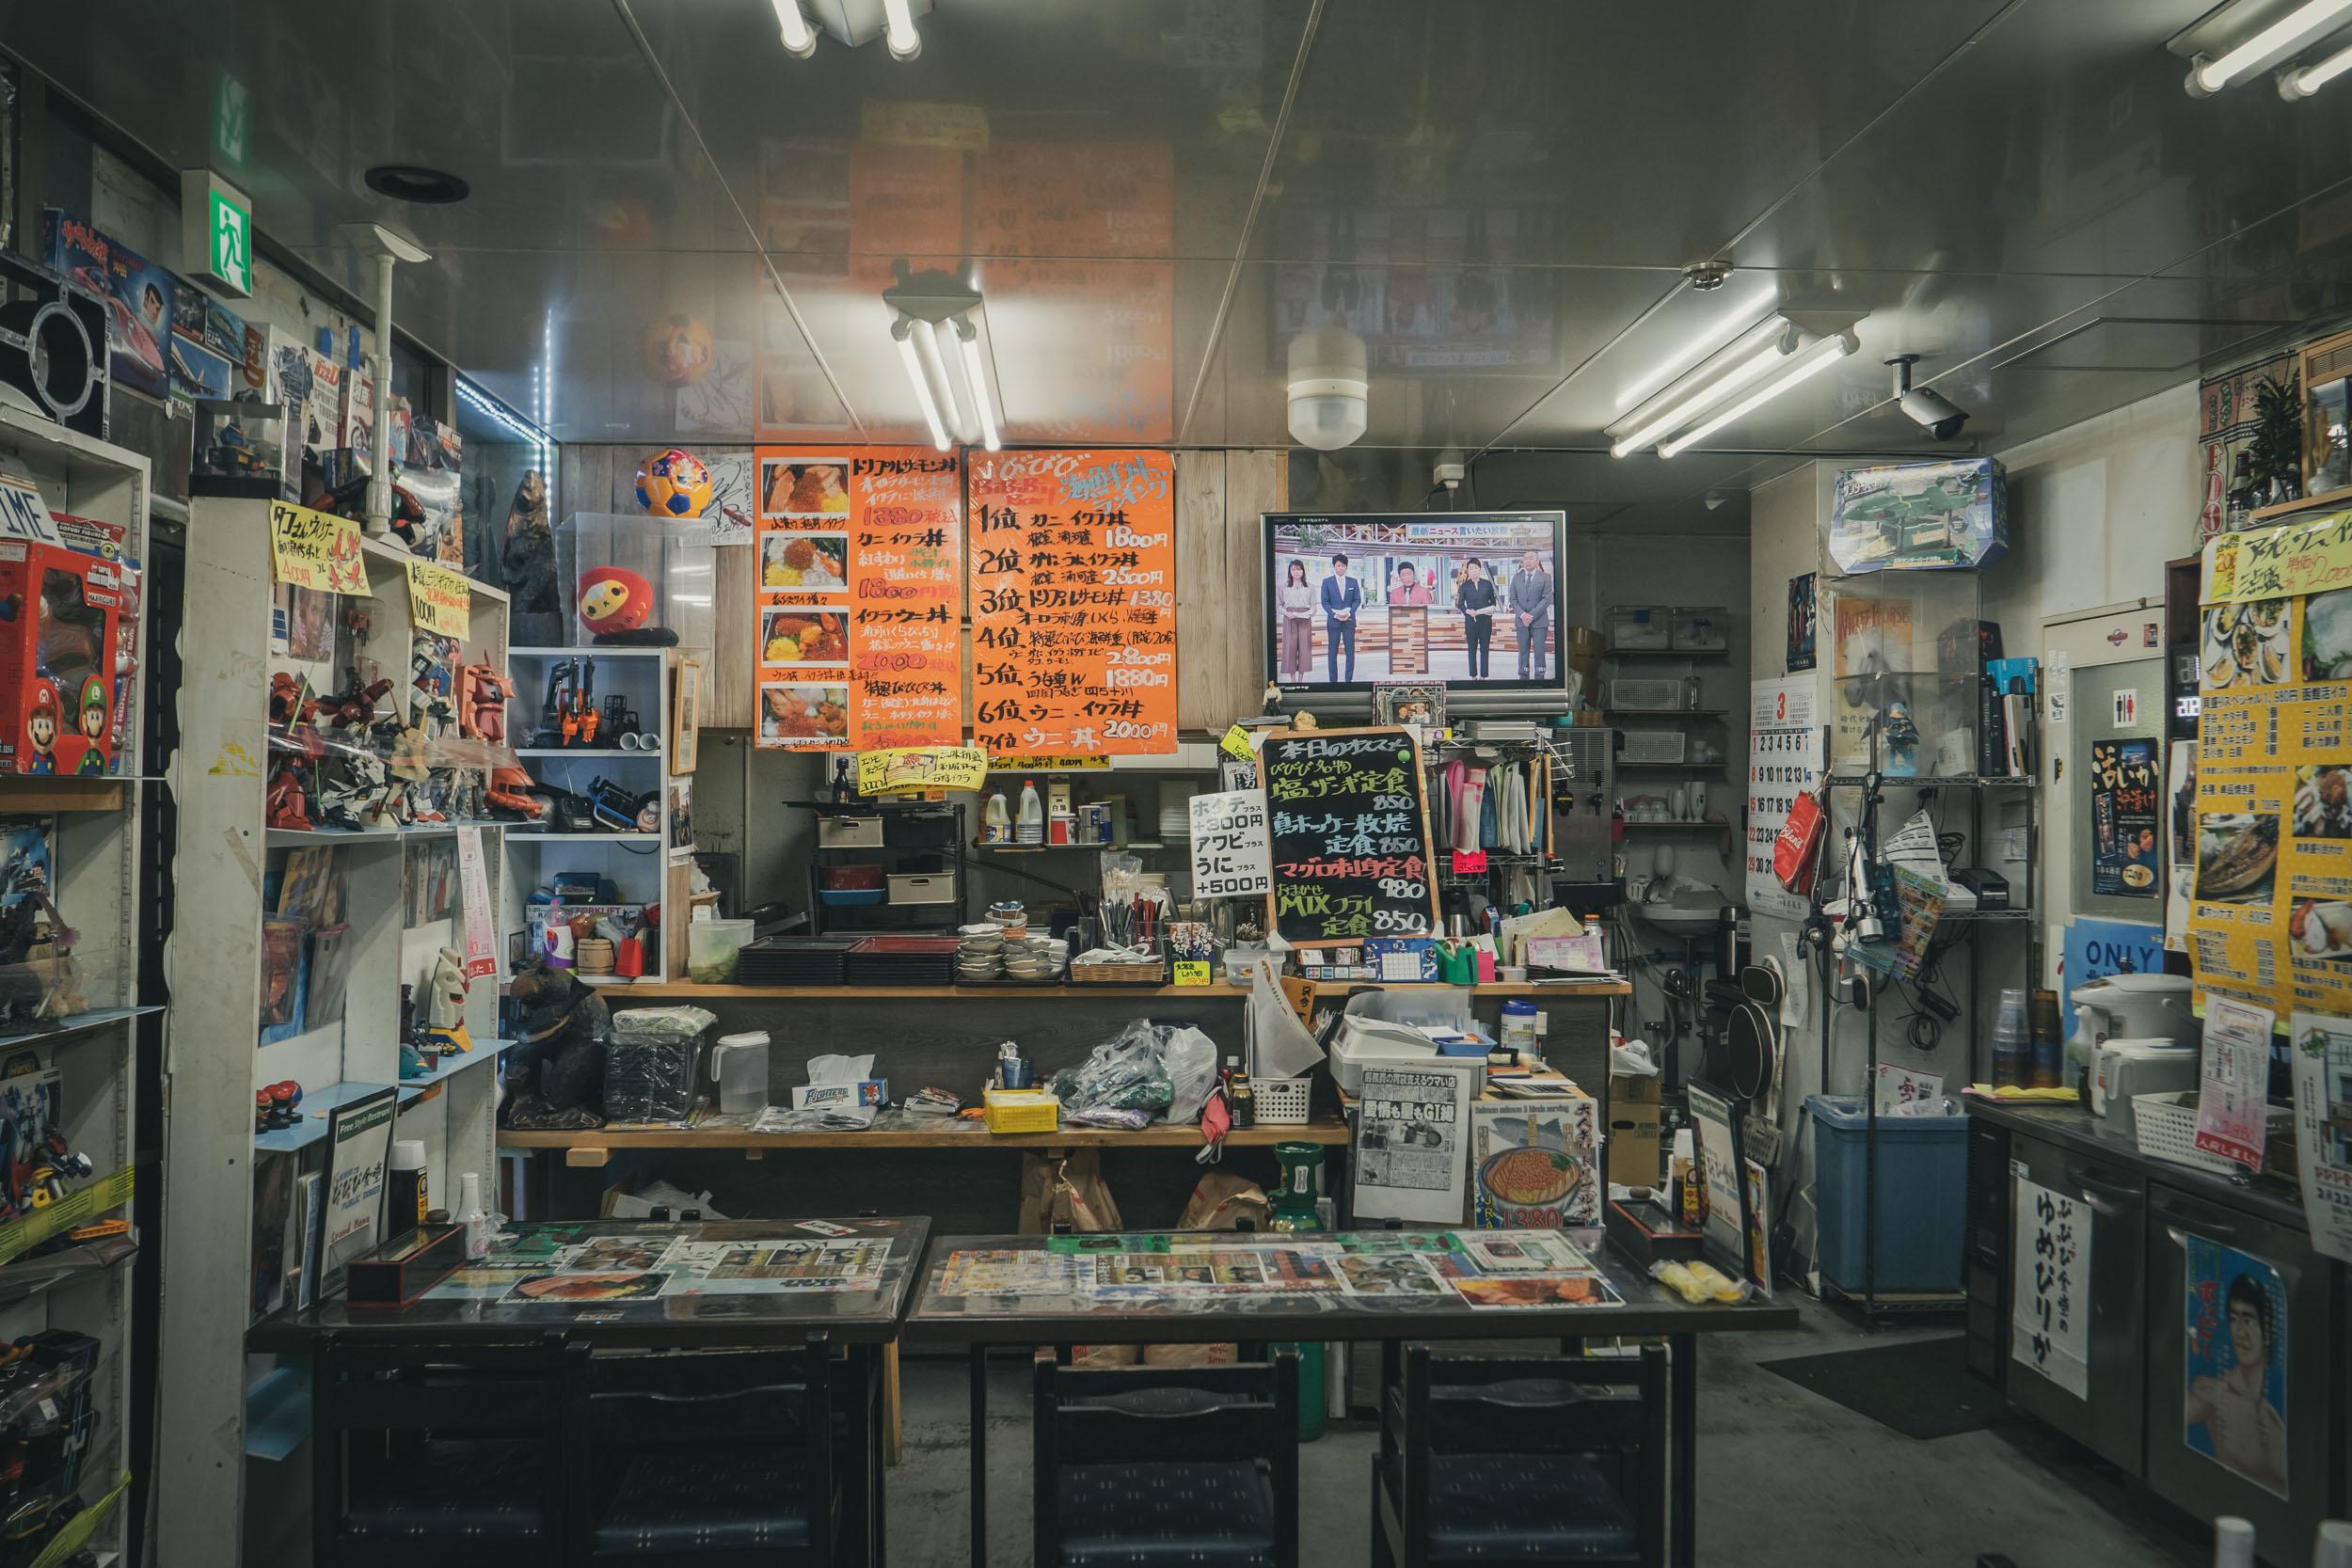 札幌市中央区北11条西21丁目1−1 閉店した「びびび食堂」の店内 DMC-GX8 + LEICA DG 12-60mm